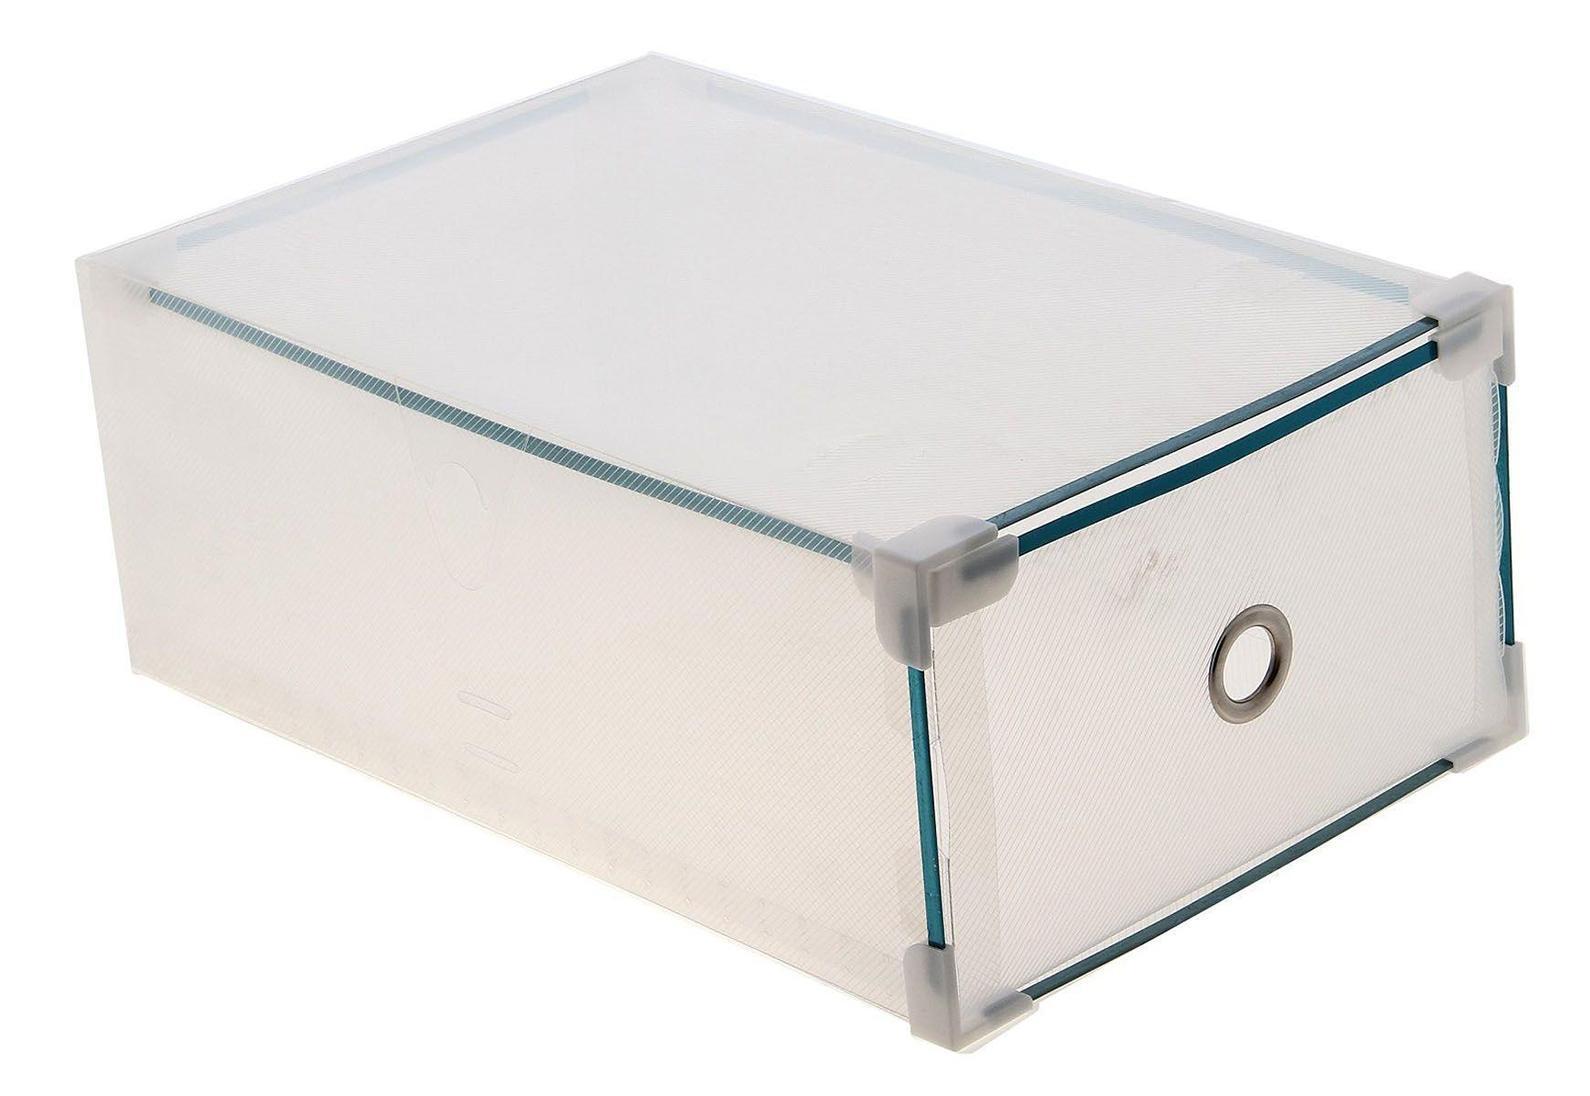 короб для хранения выдвижной 34*22*12см прозрачный 709968RG-D31SКоробка для мелочей изготовлена из прочного пластика. Предназначена для хранения мелких бытовых мелочей, принадлежностей для шитья и т.д. Коробка оснащена плотно закрывающейся крышкой, которая предотвратит просыпание и потерю мелких вещиц.Коробка для мелочей сохранит ваши вещи в порядке. Материал: Пластик, металл